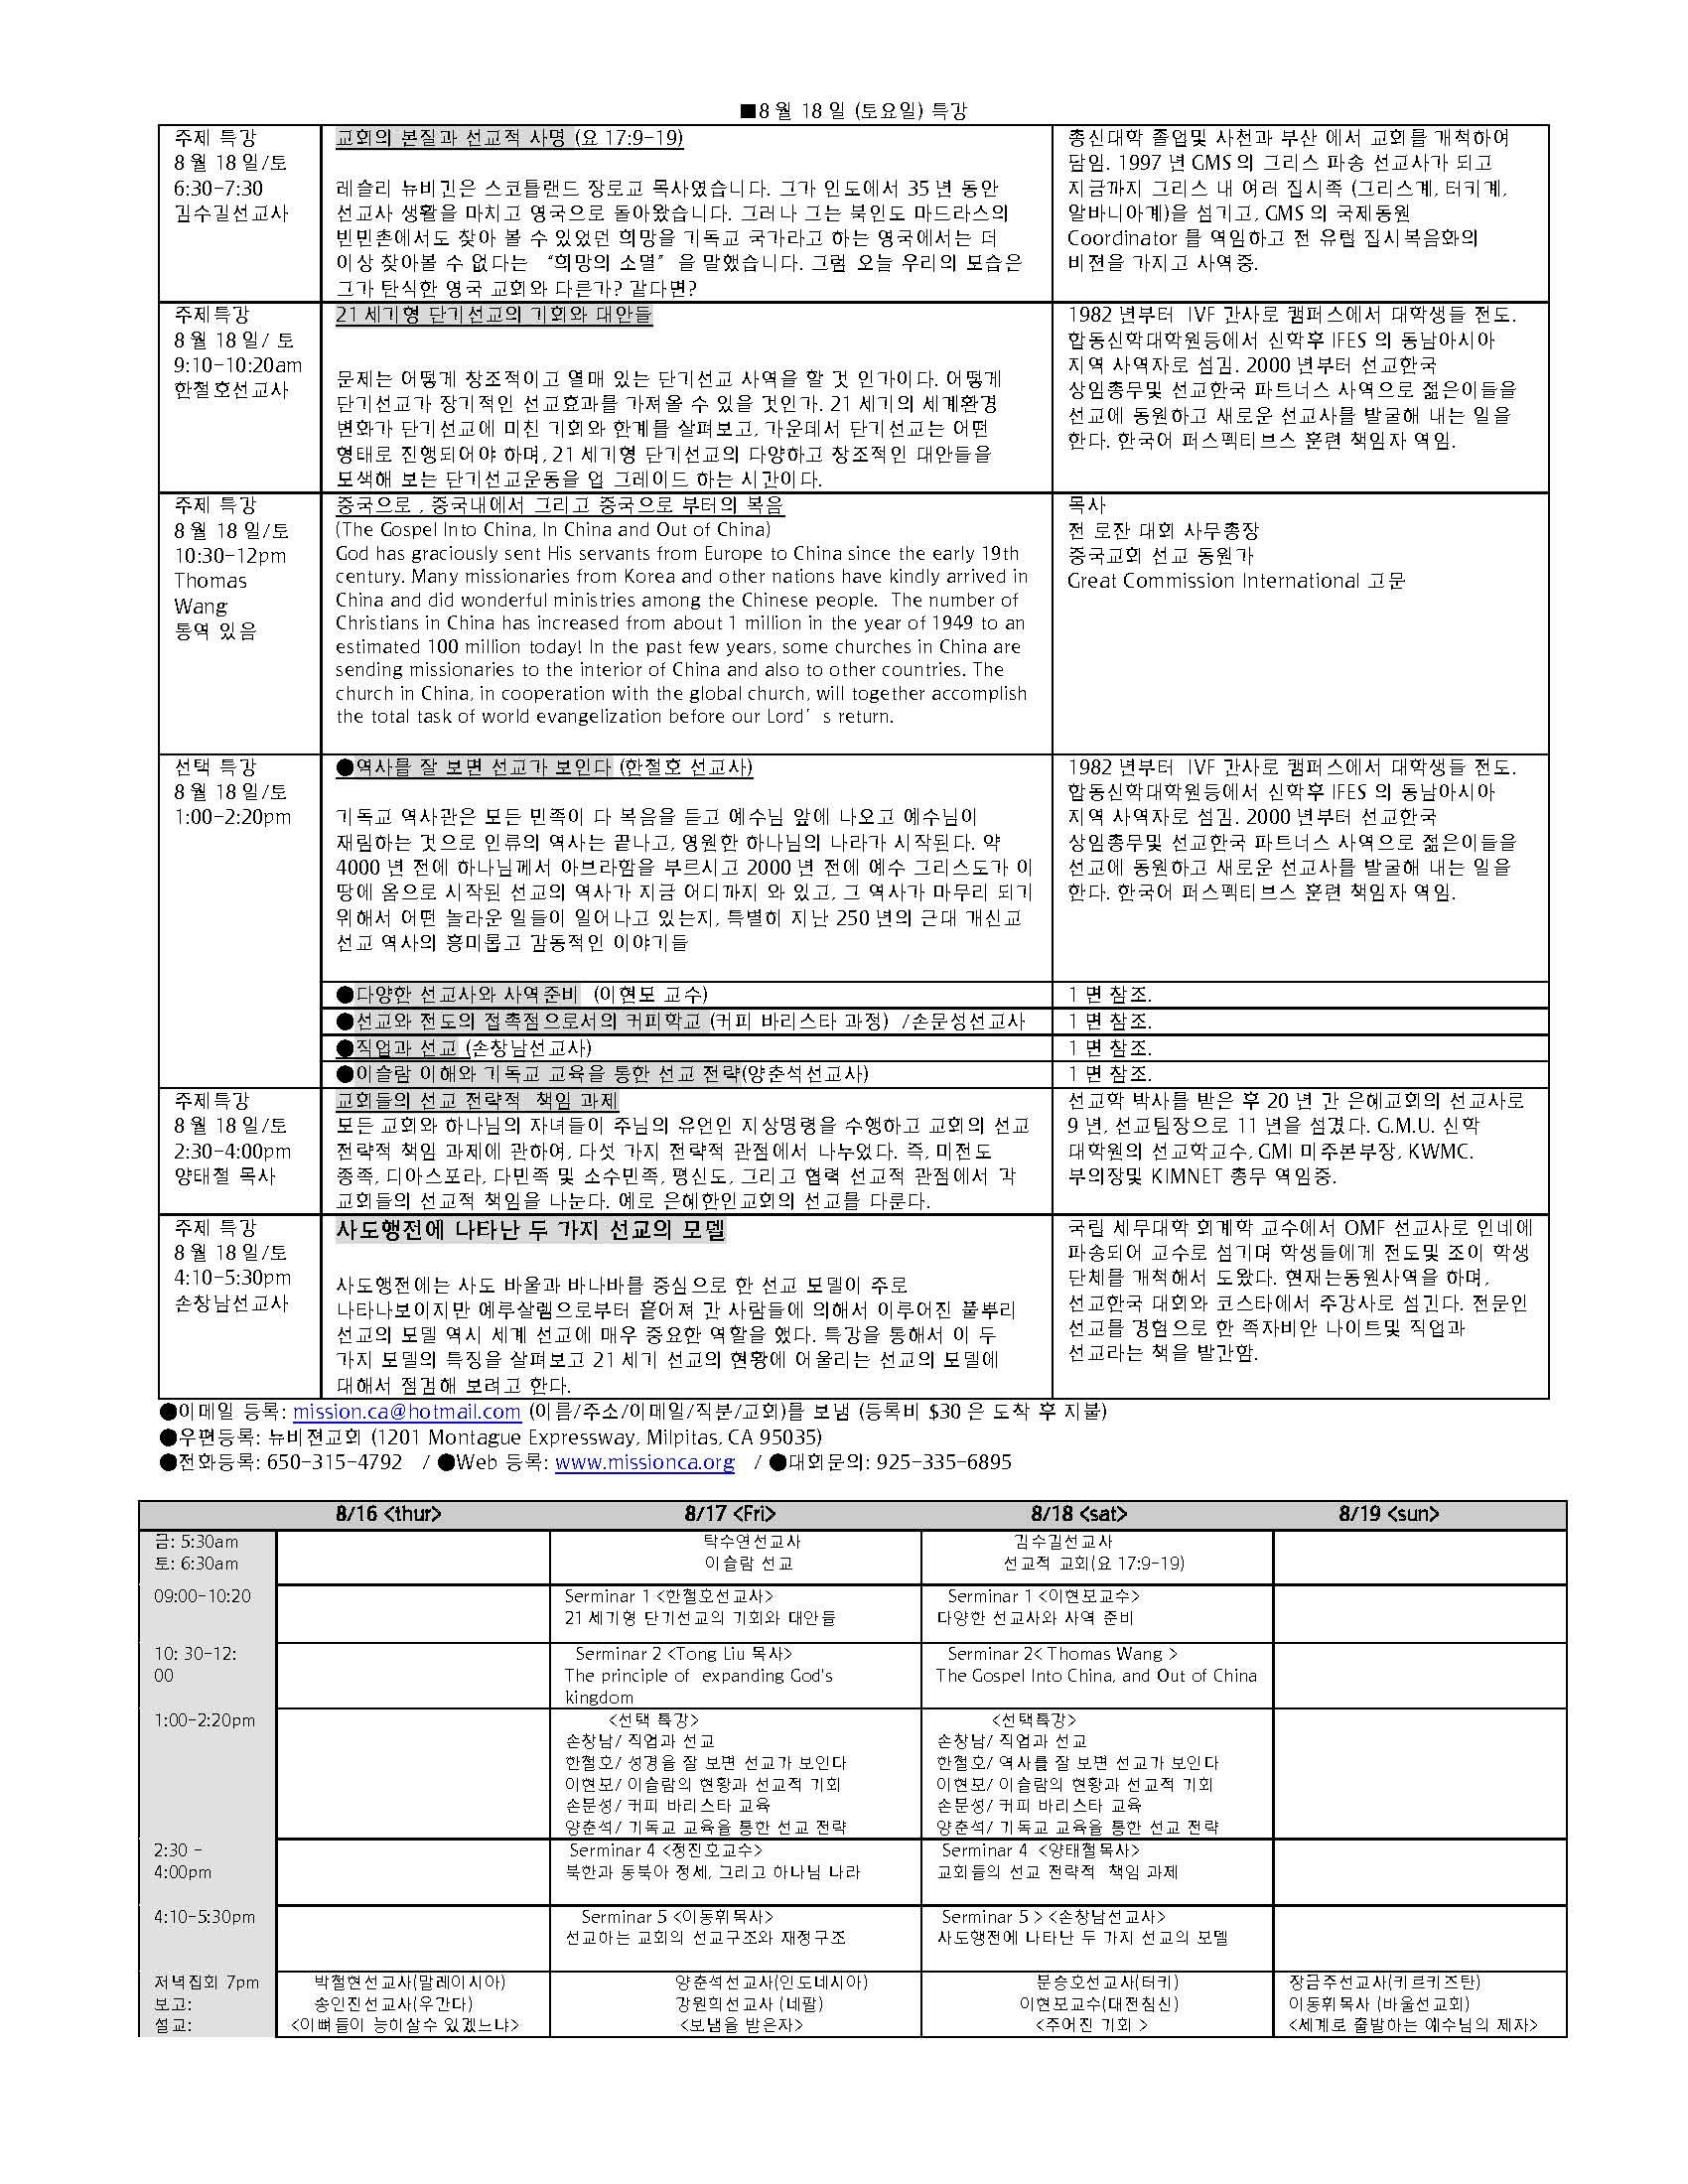 북가주 선교대회 특강 안내및 강사소개서 Rev A_Page_2.jpg